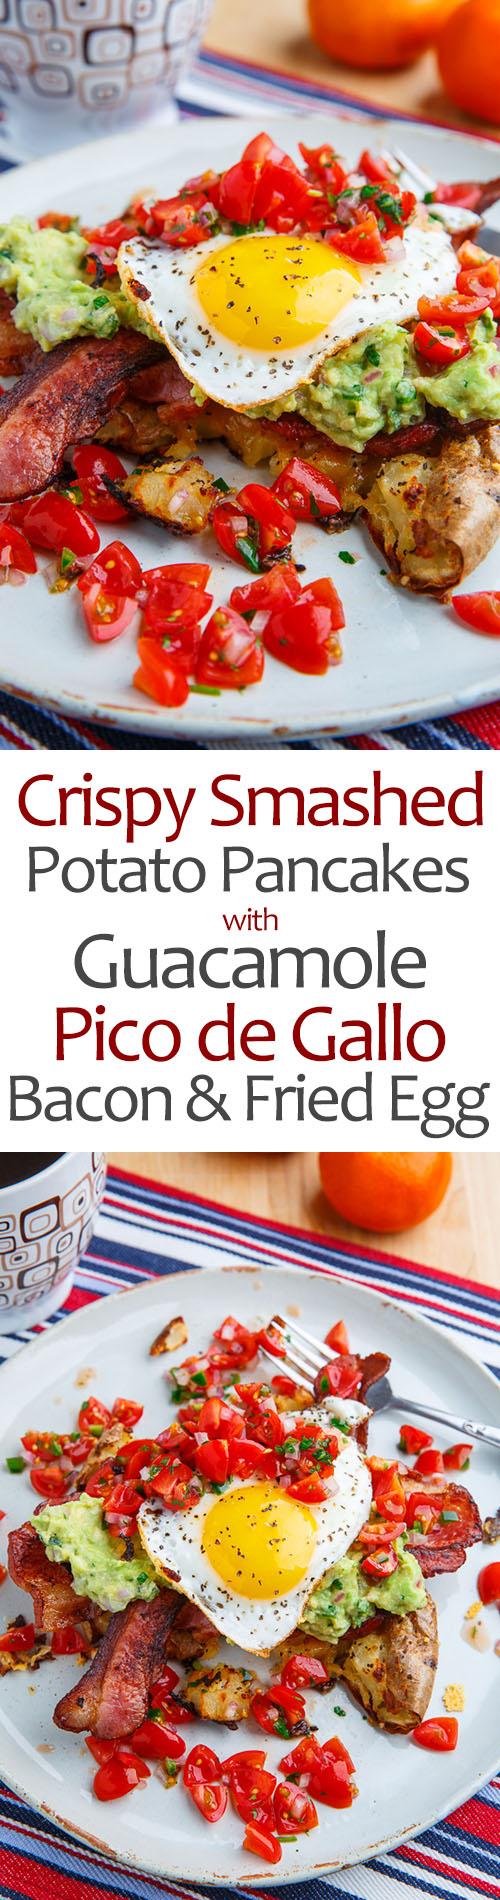 Crispy Smashed Potato Pancakes with Guacamole, Pico de Gallo, Bacon and Eggs